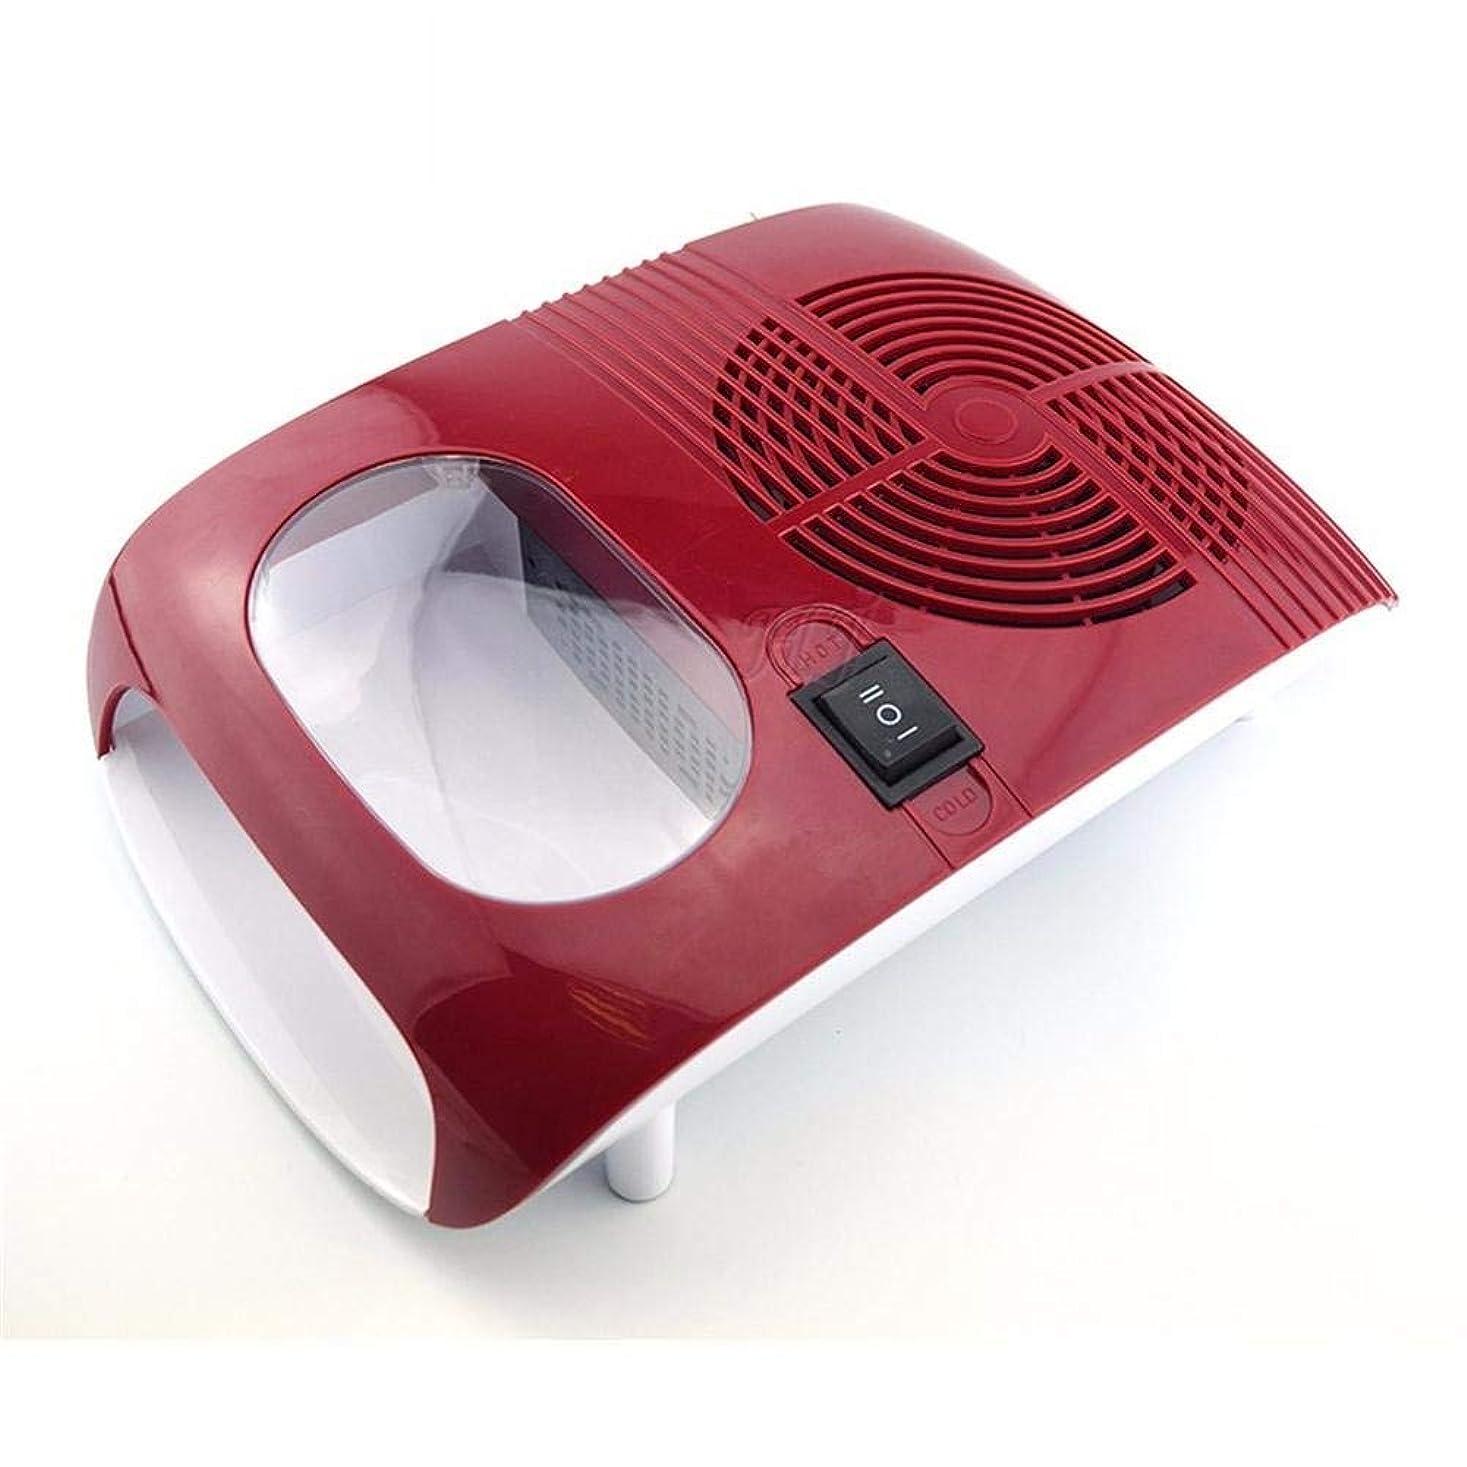 グレートオーク候補者系譜ネイルドライヤーホットコールドファンデュアル使用エアドライヤブロワ-マニキュア美容ツール-乾燥用ネイルポリッシュ (レッド)